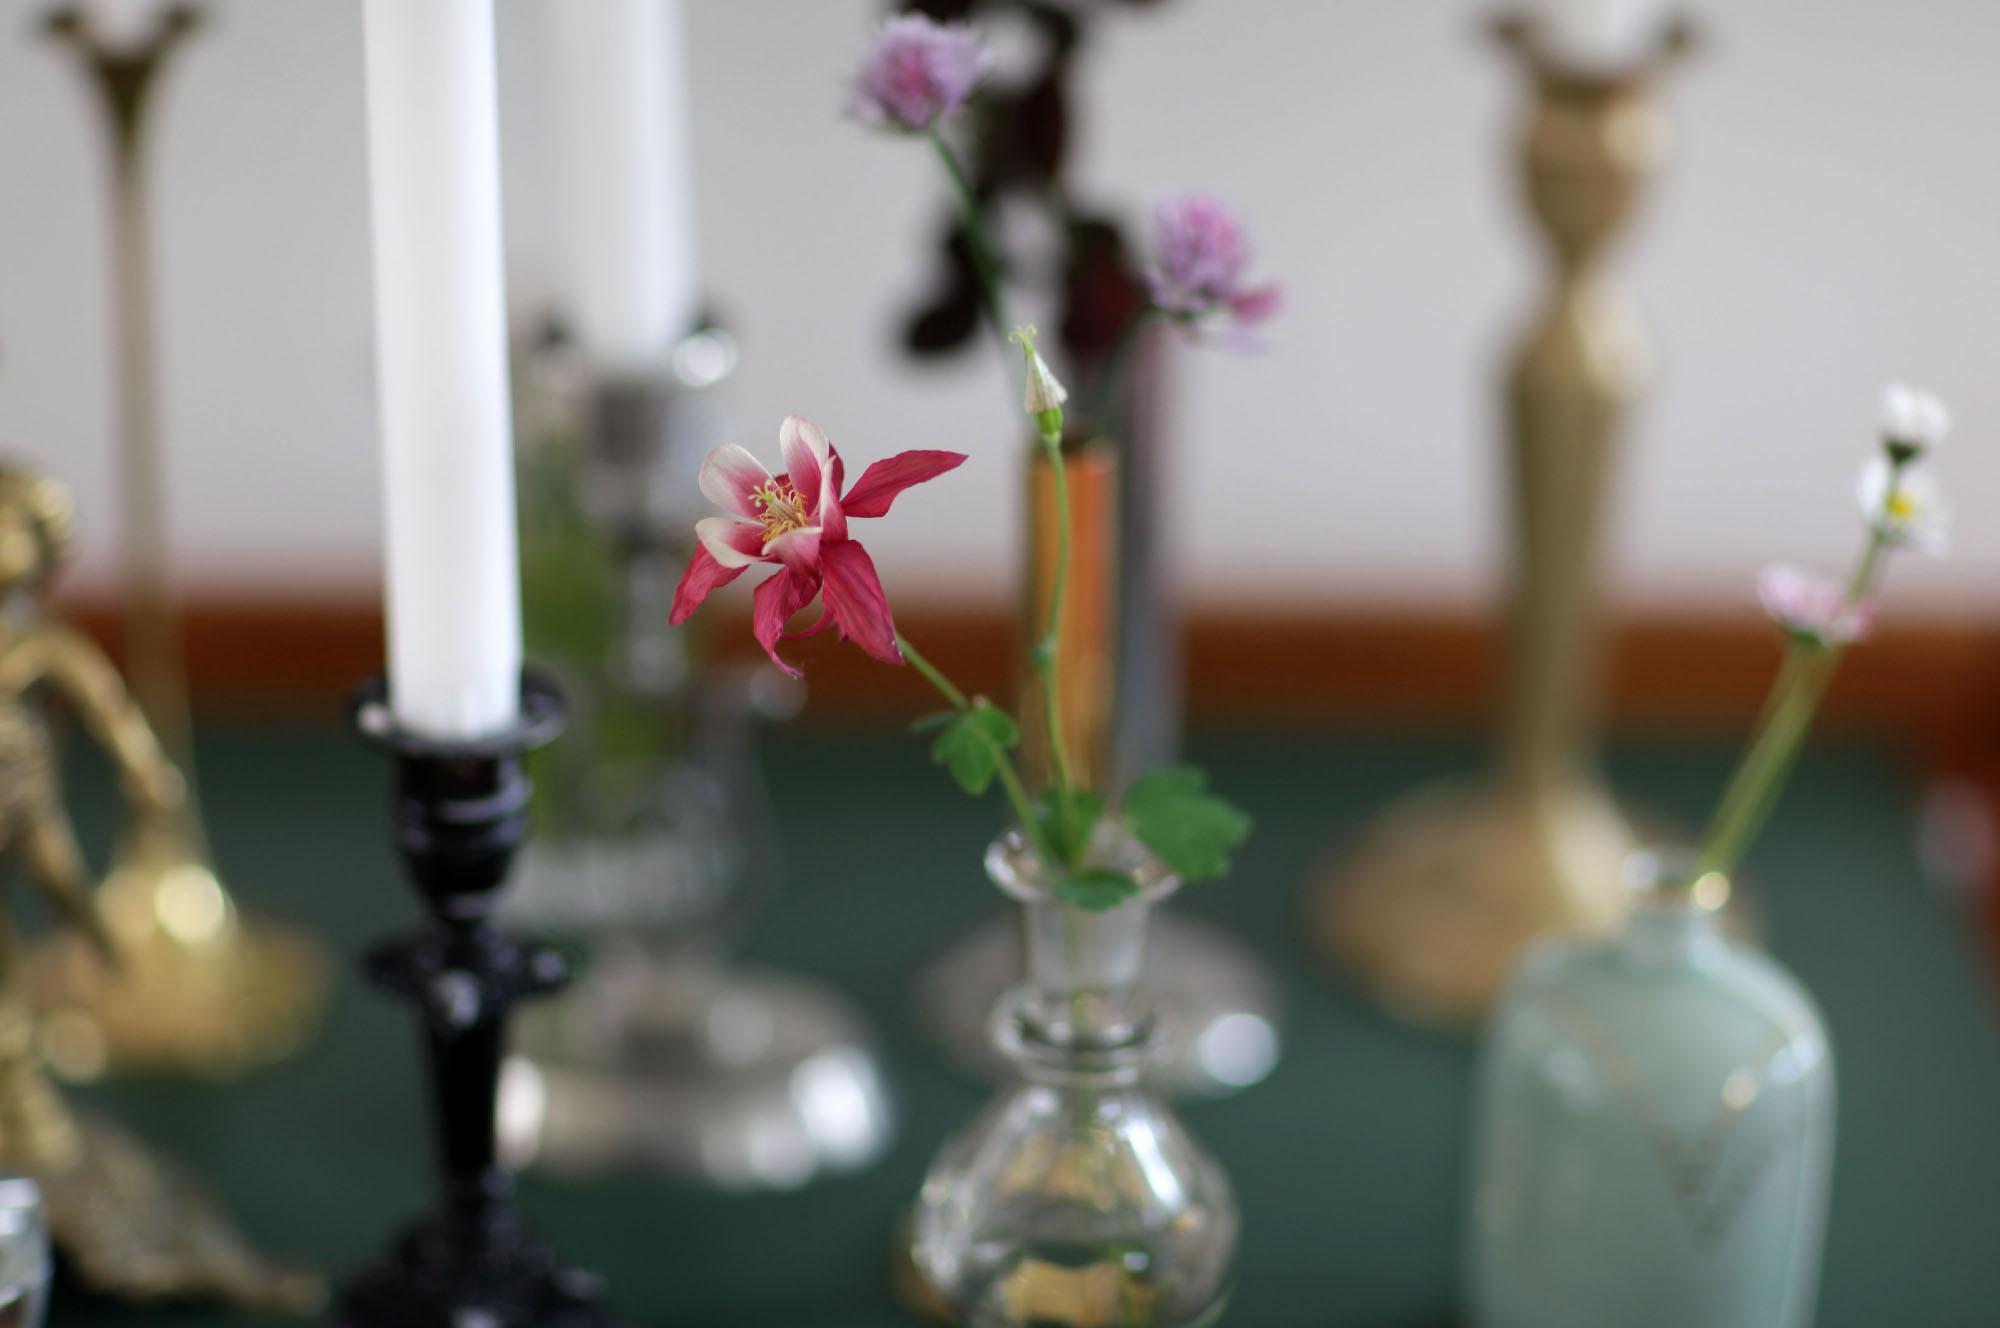 Anotherblog 7 blommor1.JPG